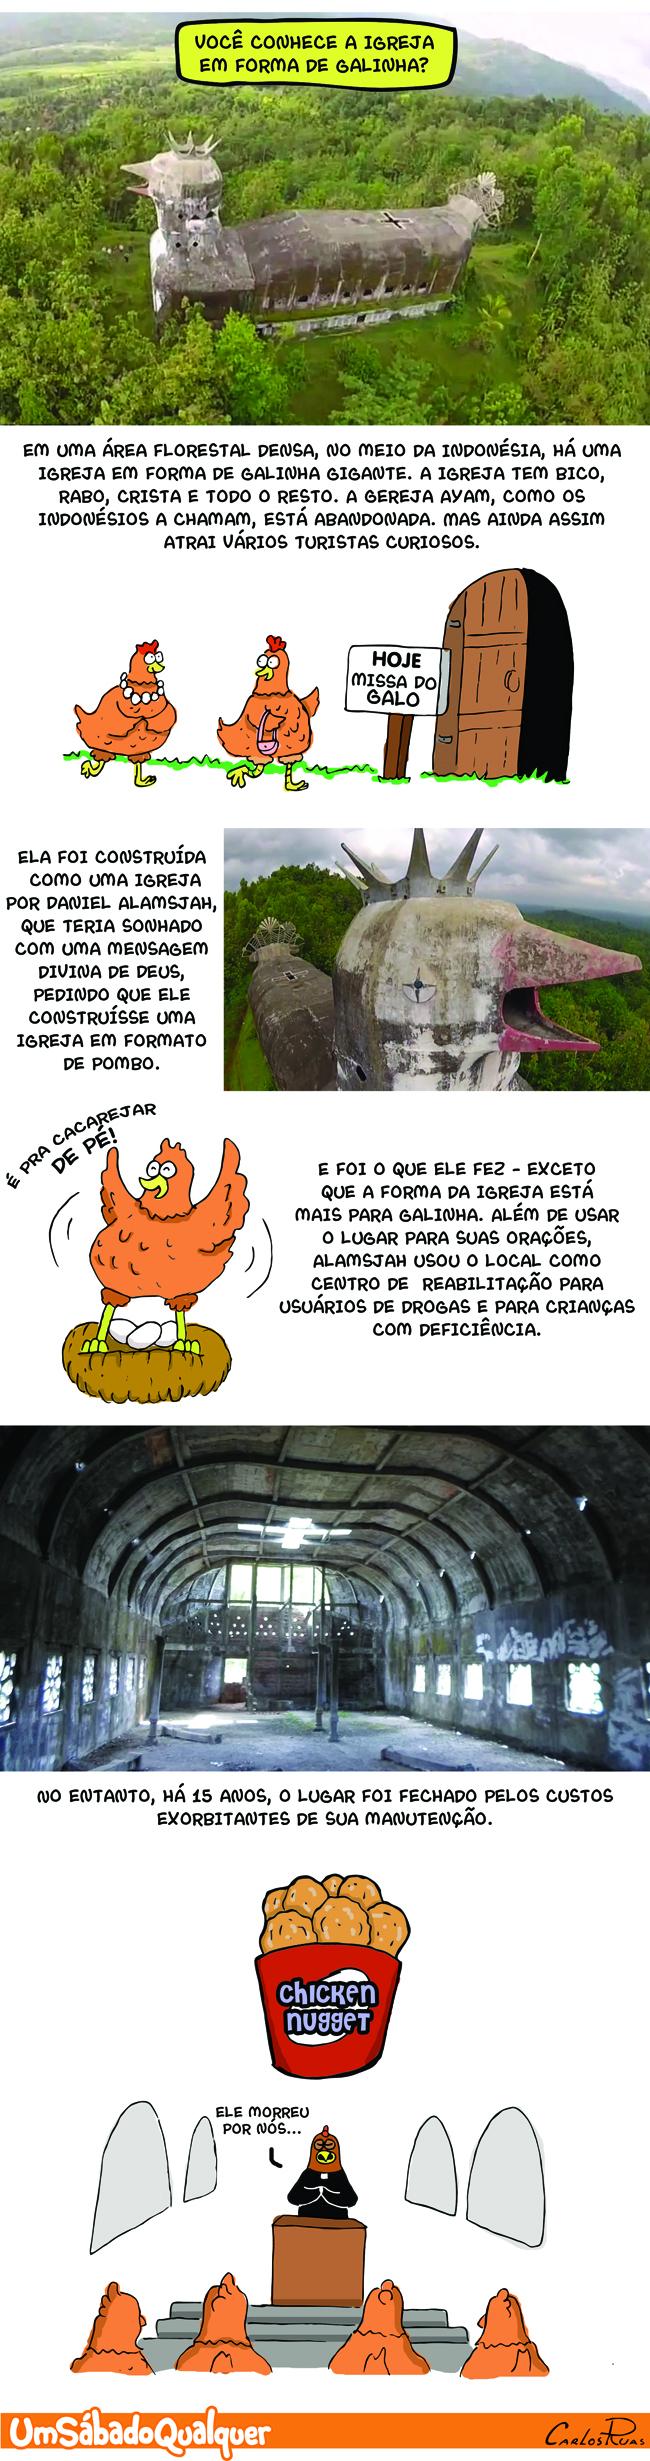 1563 – A igreja em forma de galinha